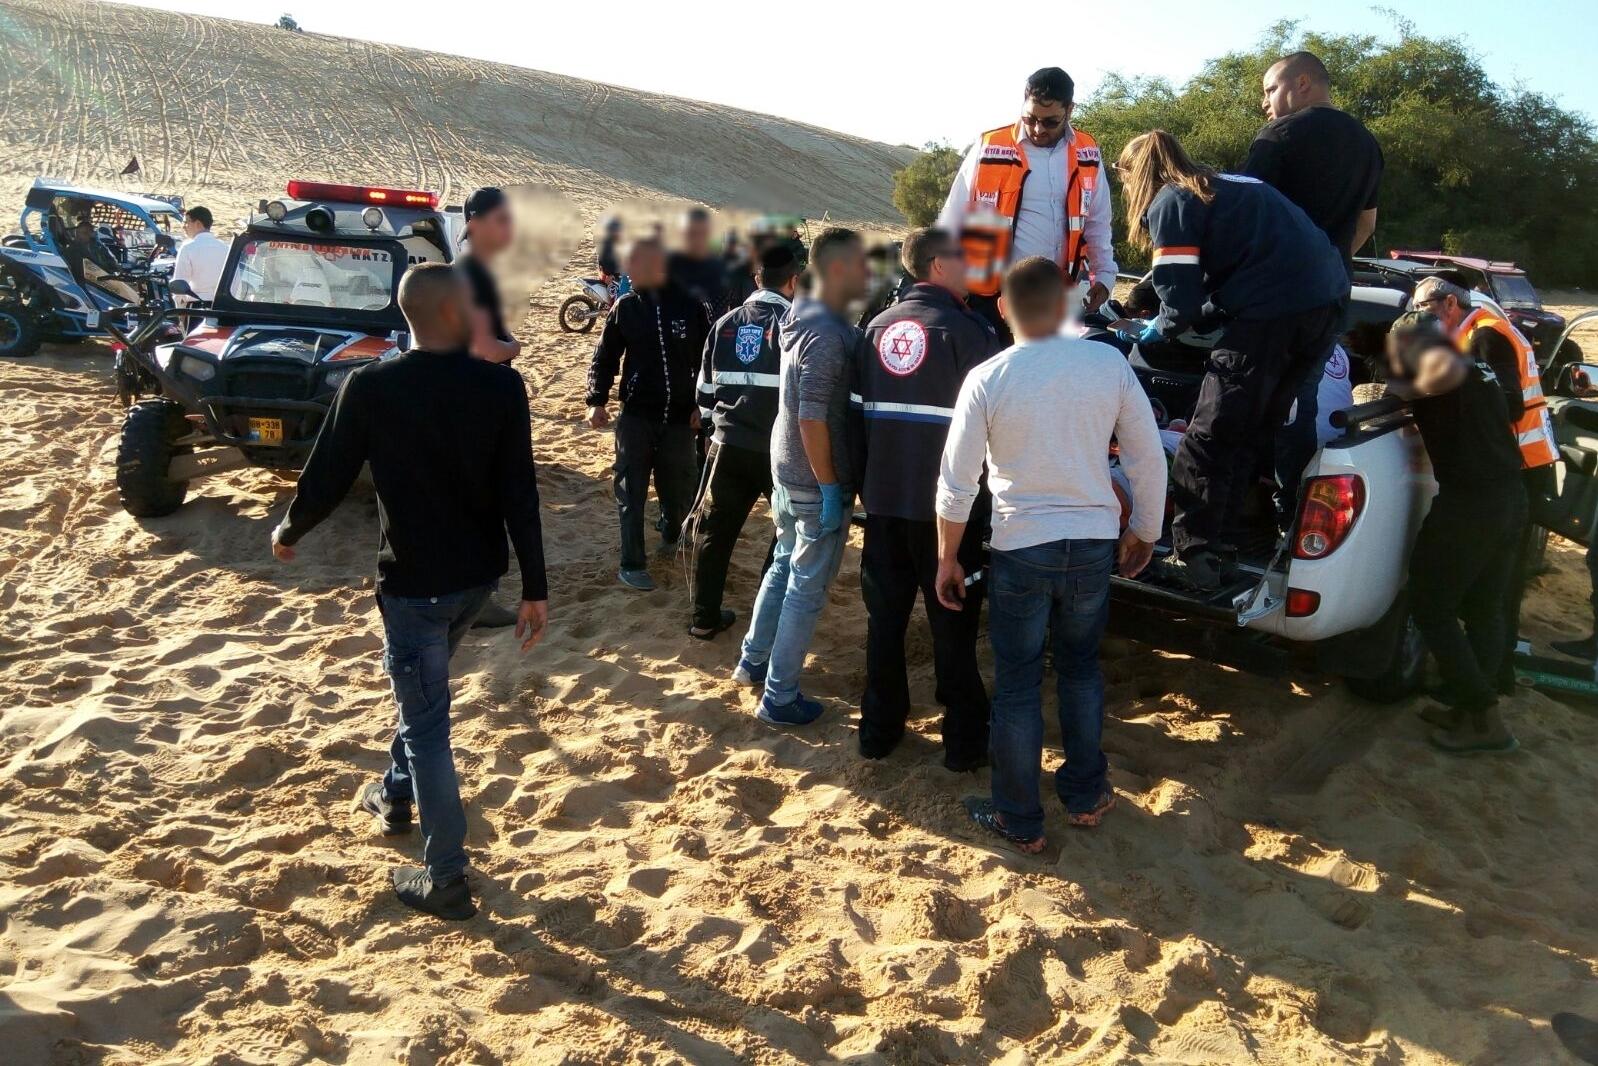 צעיר נפל מטרקטורון נוסע בדיונות באשדוד ונפצע בינוני